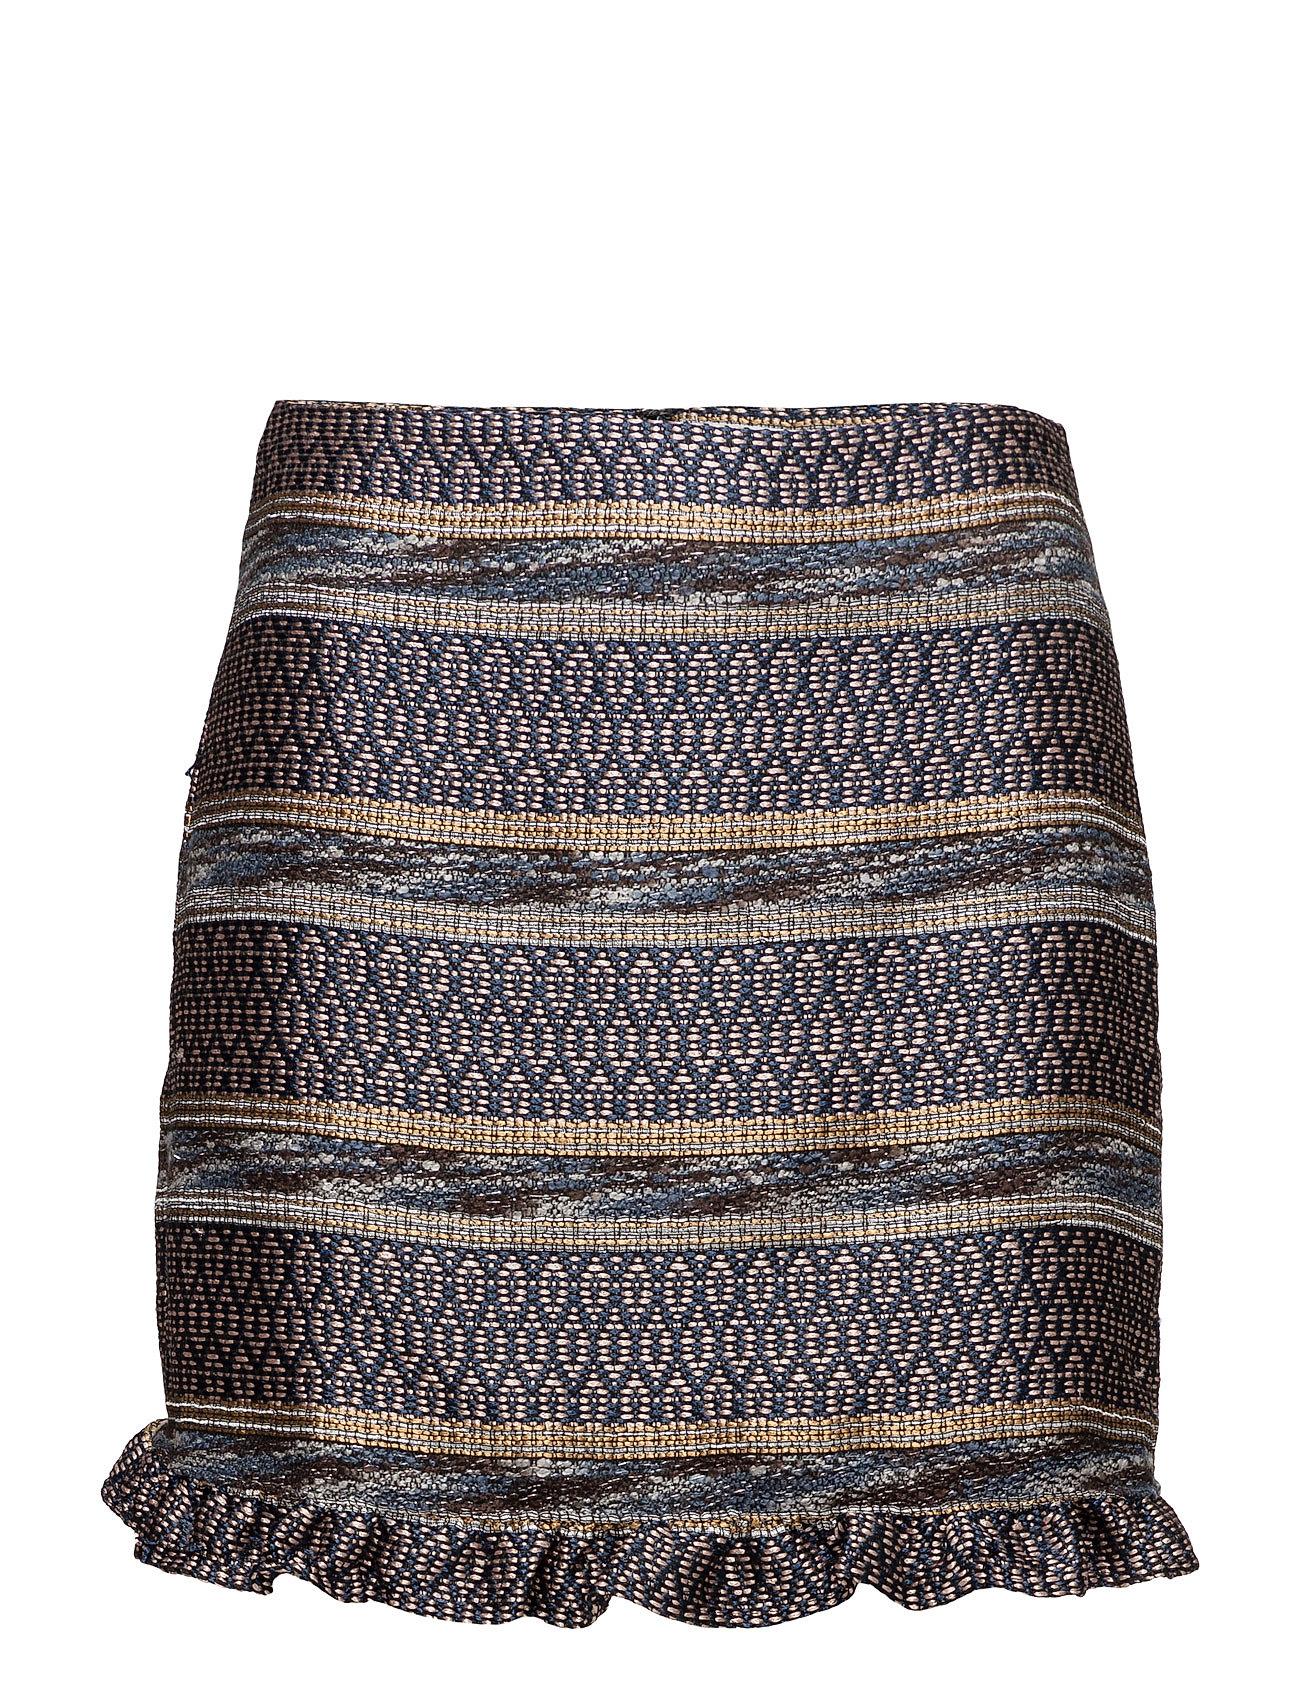 Geometric Embroidery Skirt Mango Korte til Damer i Navy blå